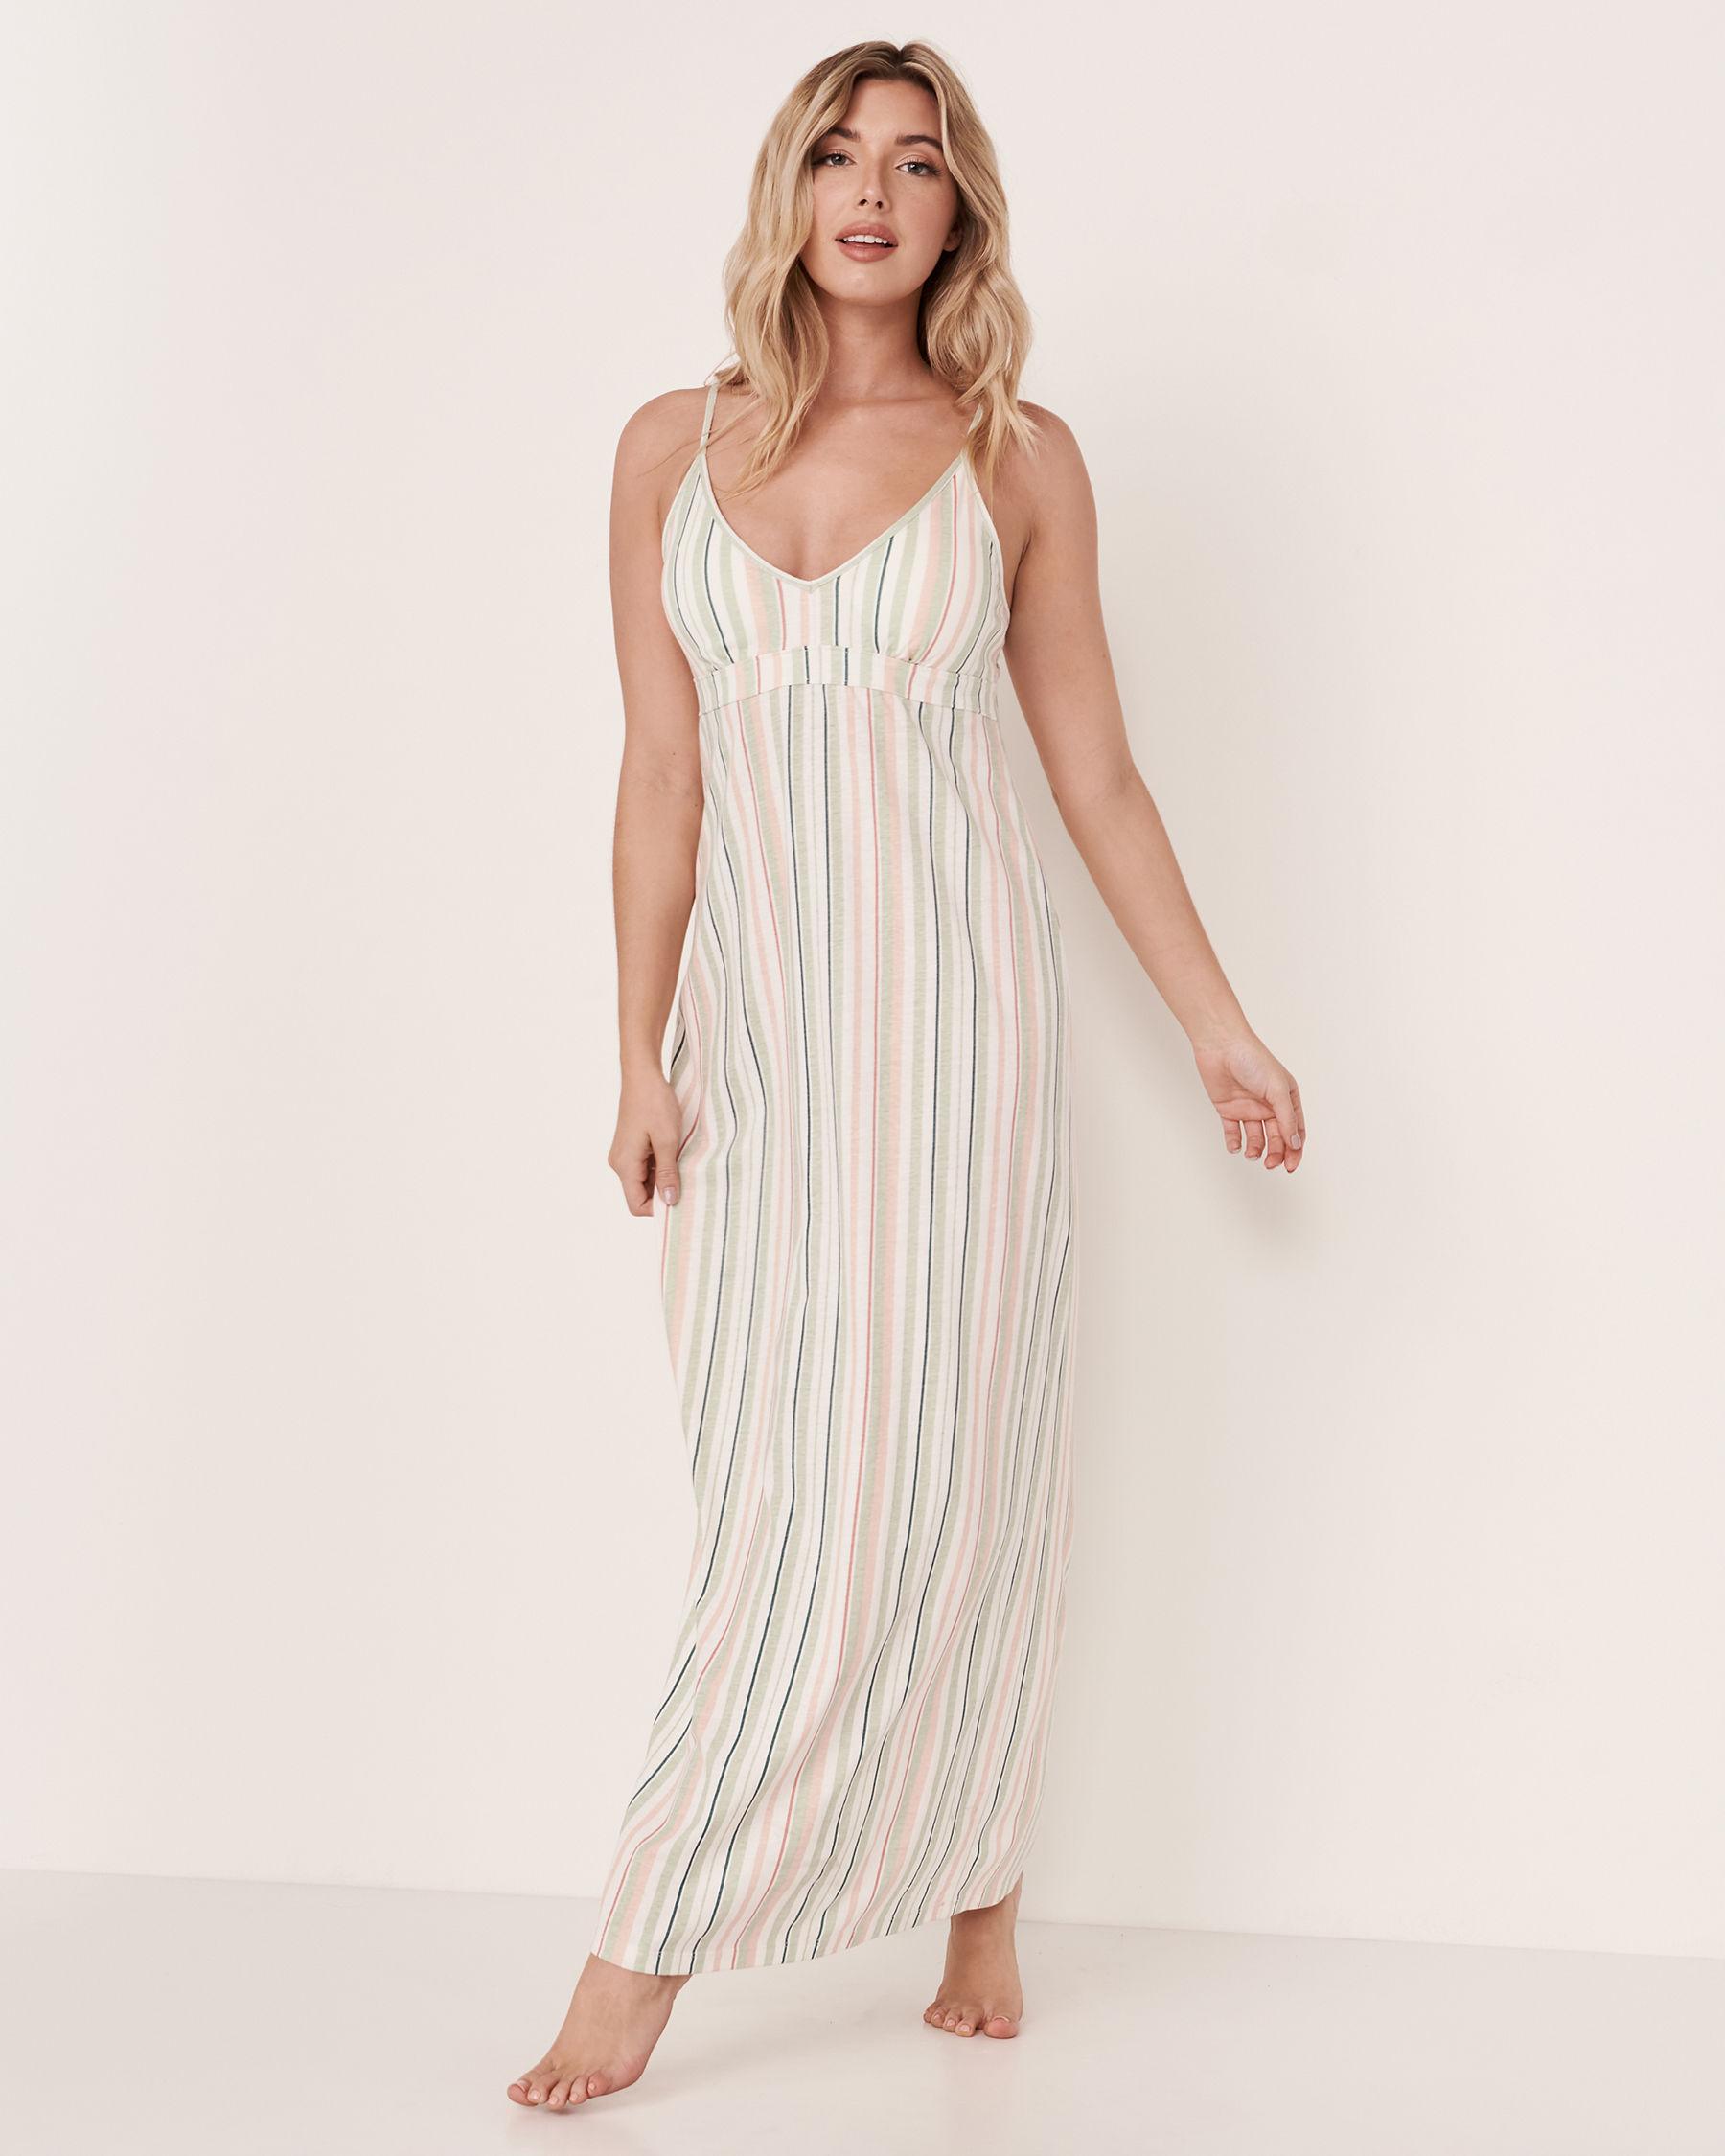 LA VIE EN ROSE Thin Straps Gown Multi stripes 40500070 - View1